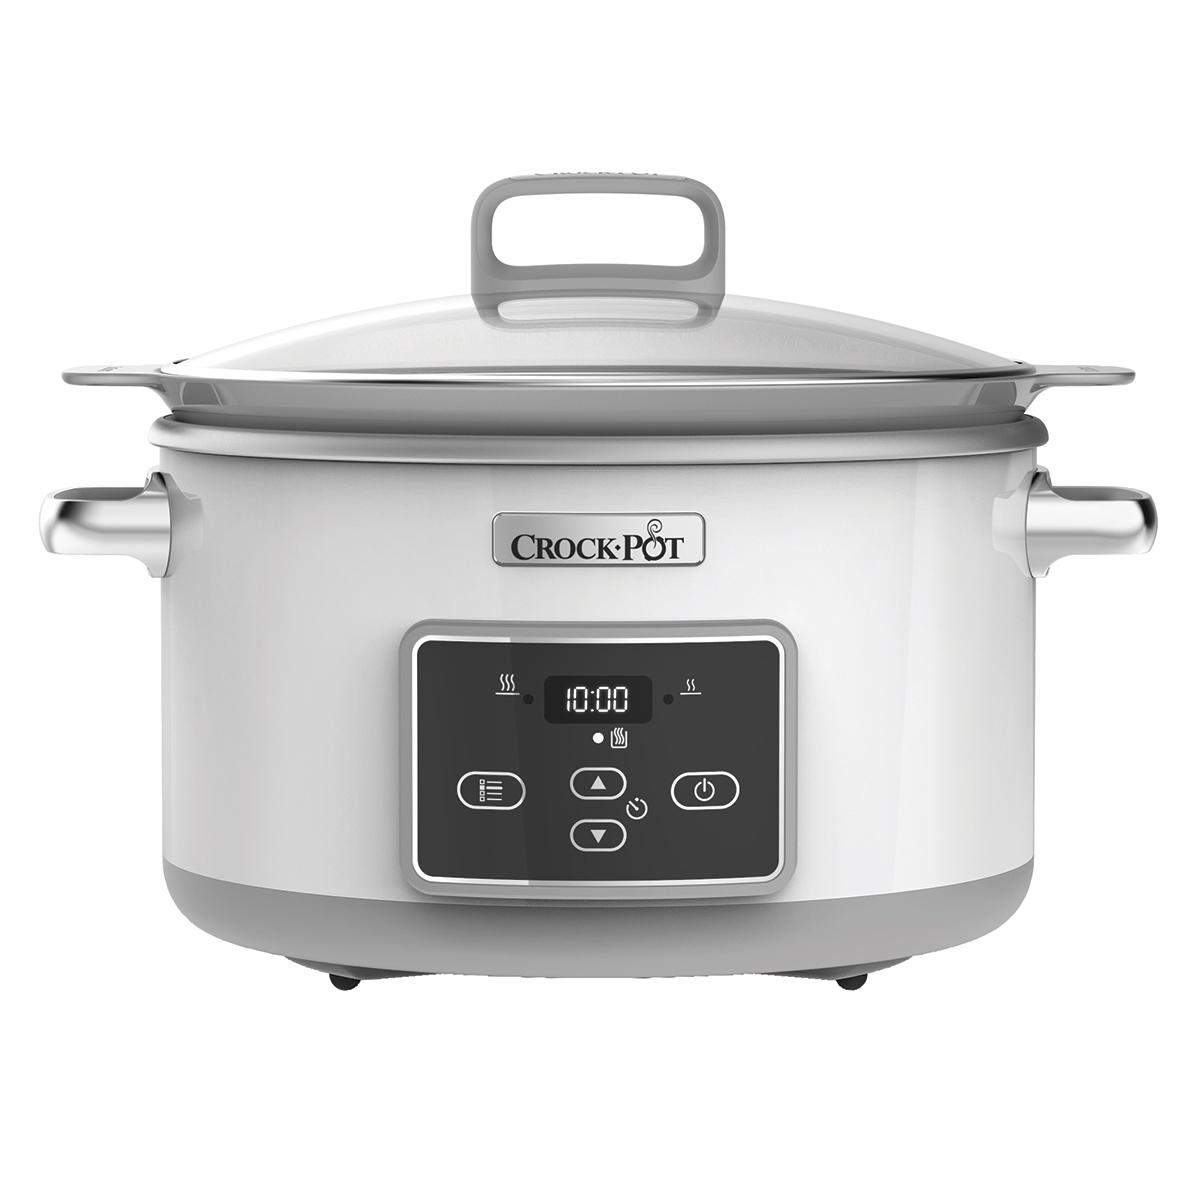 Crockpot slow cooker - 5 liter